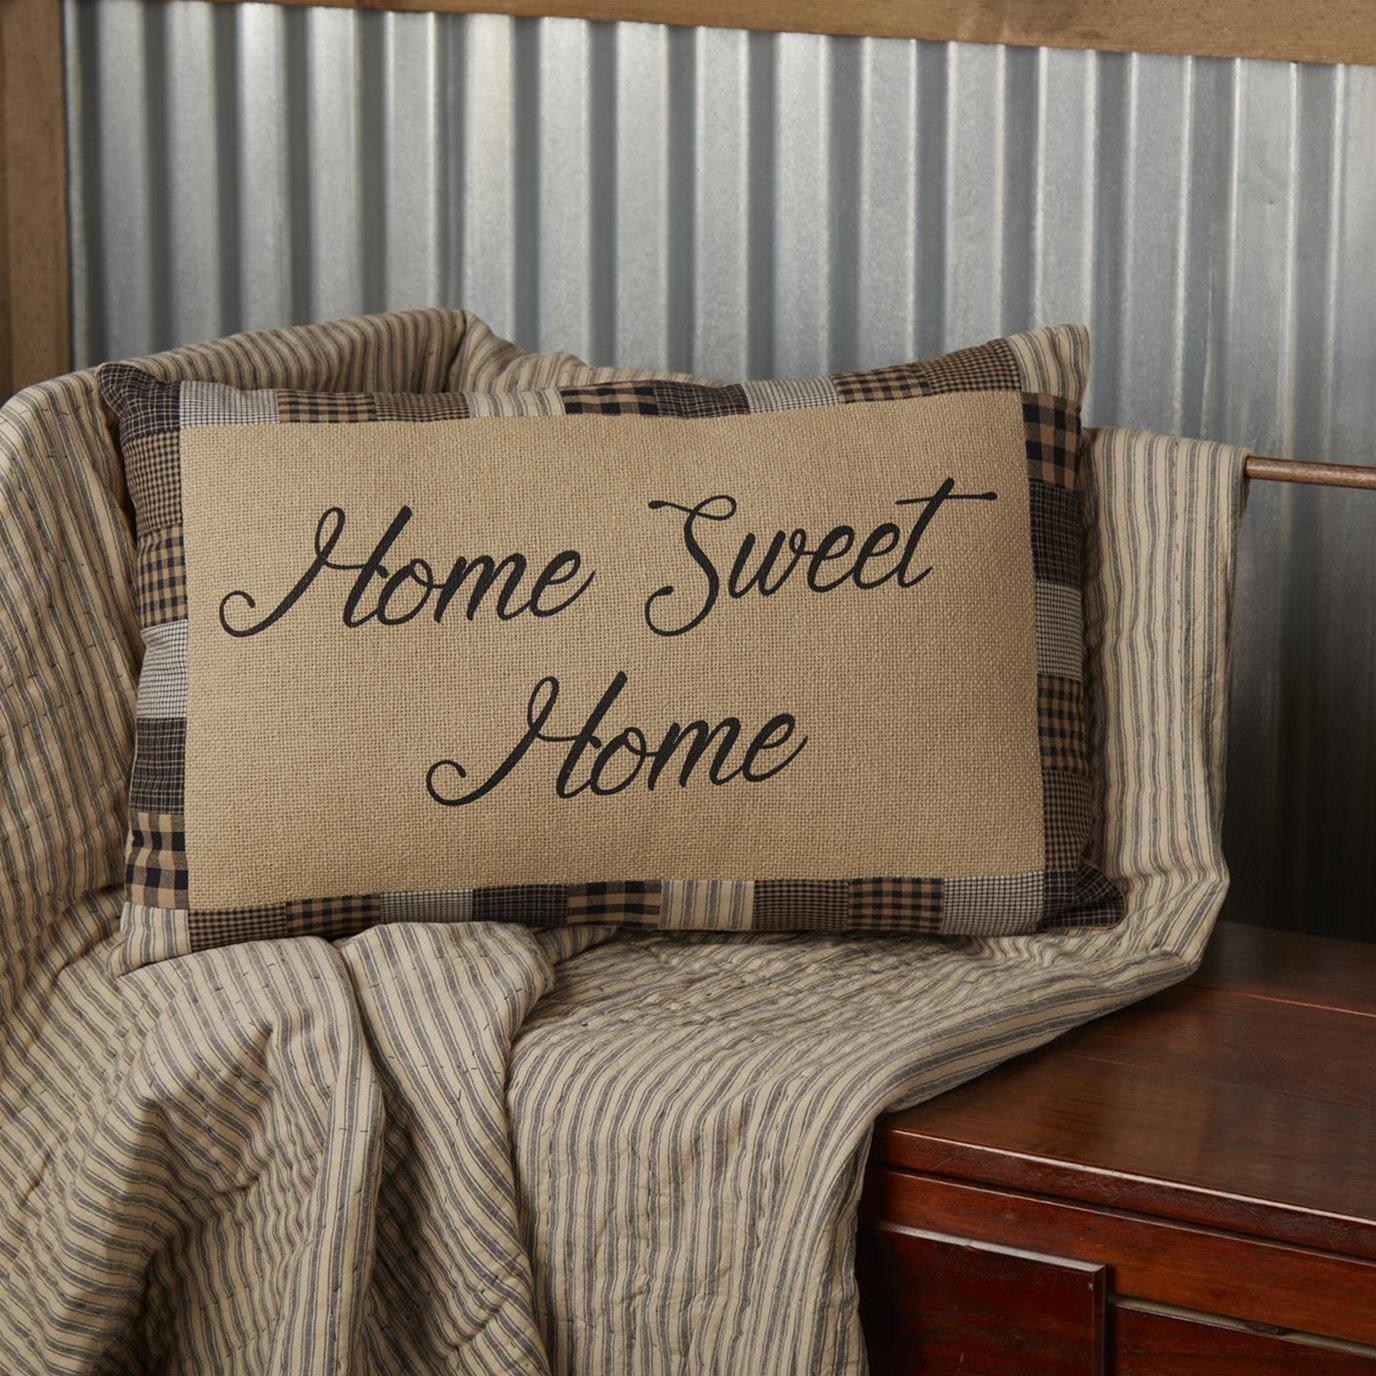 Farmhouse Star Home Sweet Home Pillow 14x22